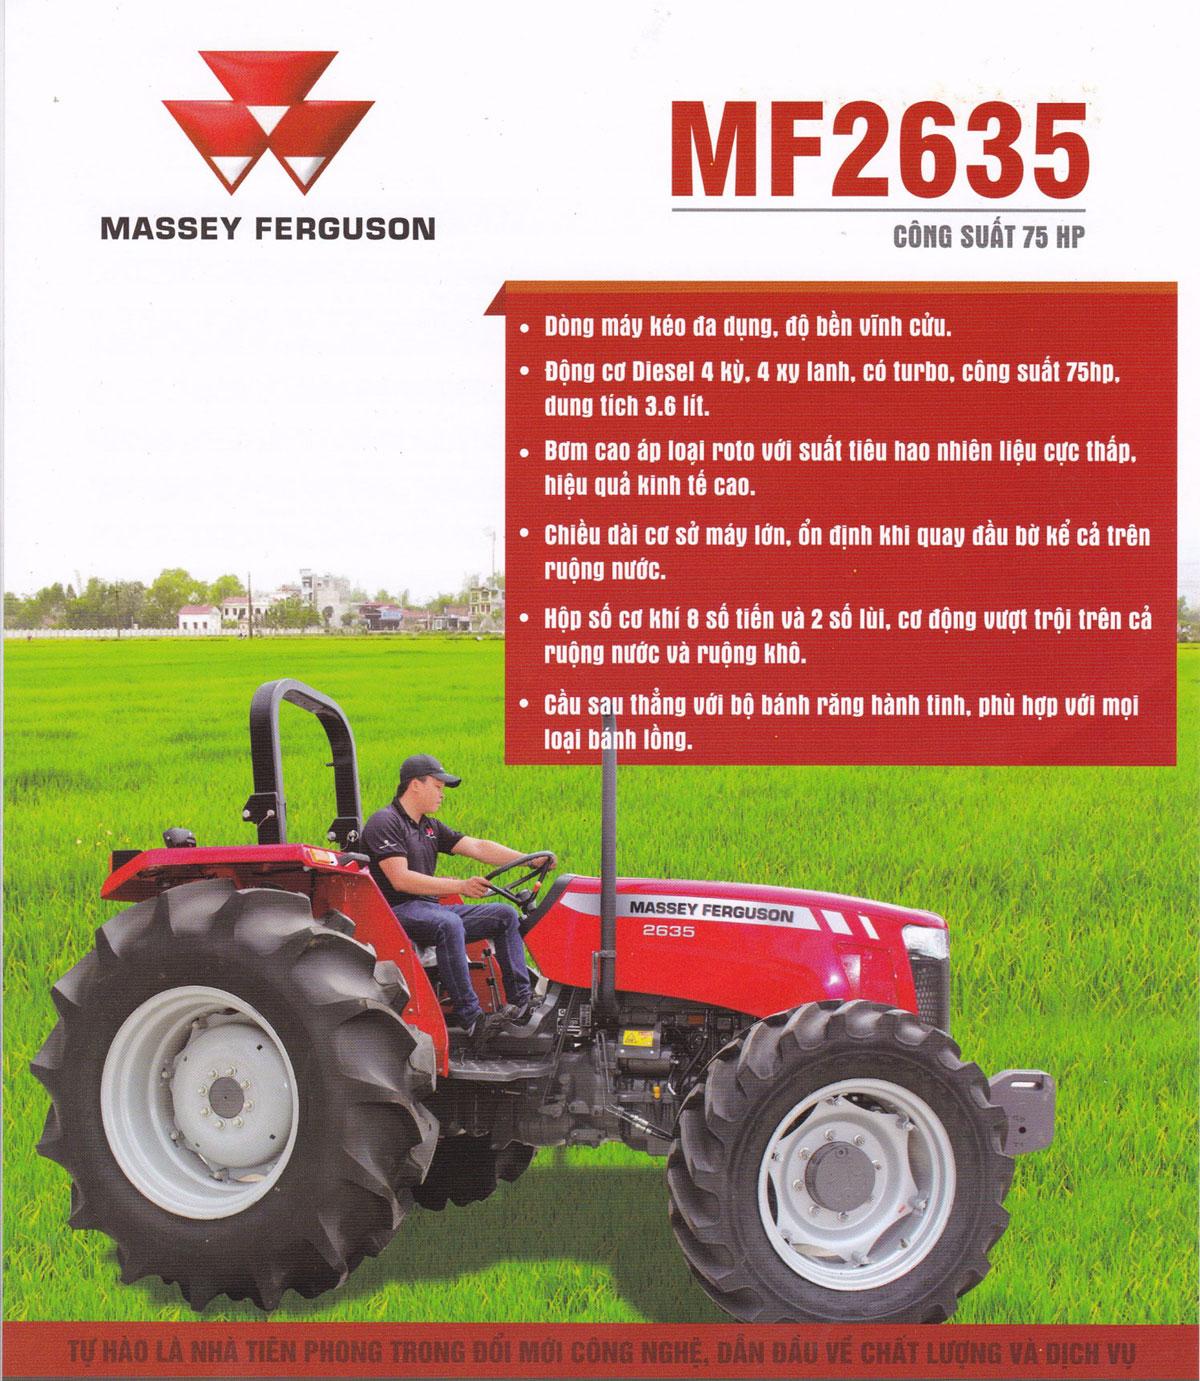 Máy cày Massey Ferguson MF2635 (Nhập khẩu Ấn Độ) hinh anh 3